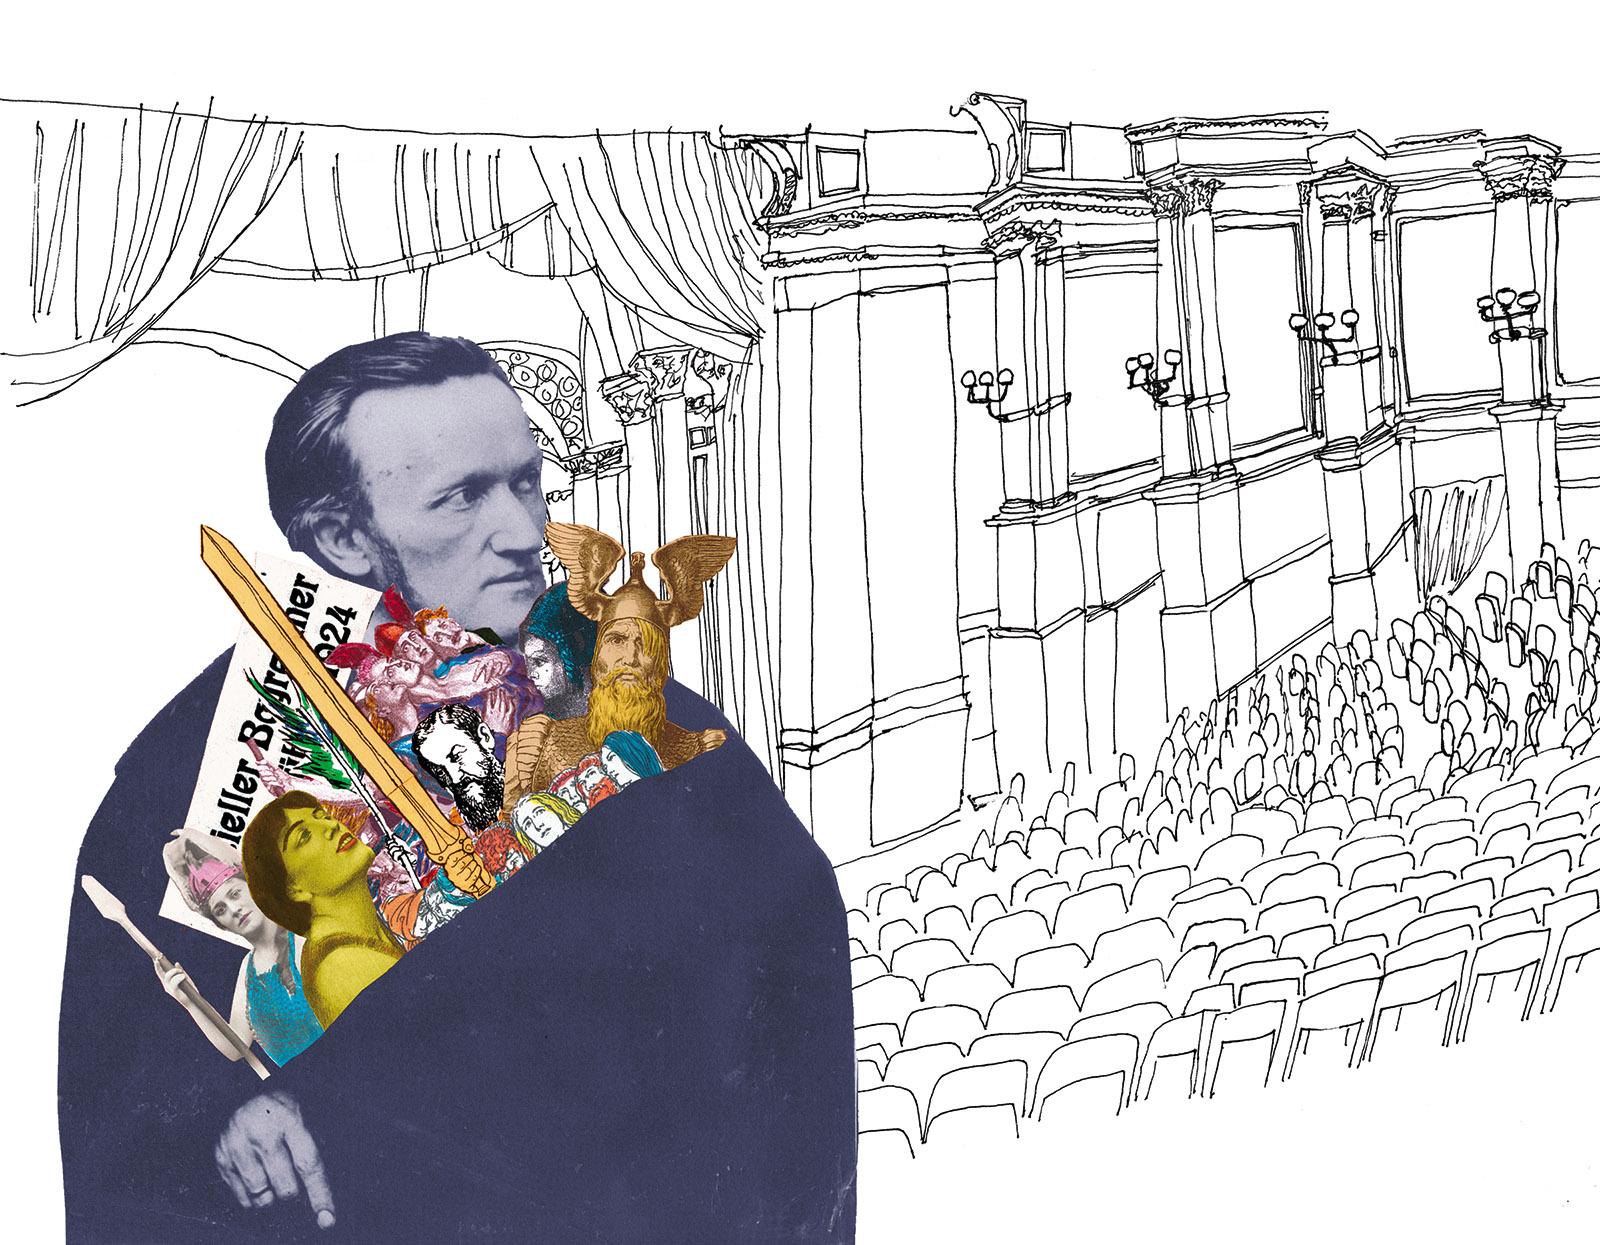 Richard Wagner; illustration by Joanna Neborsky